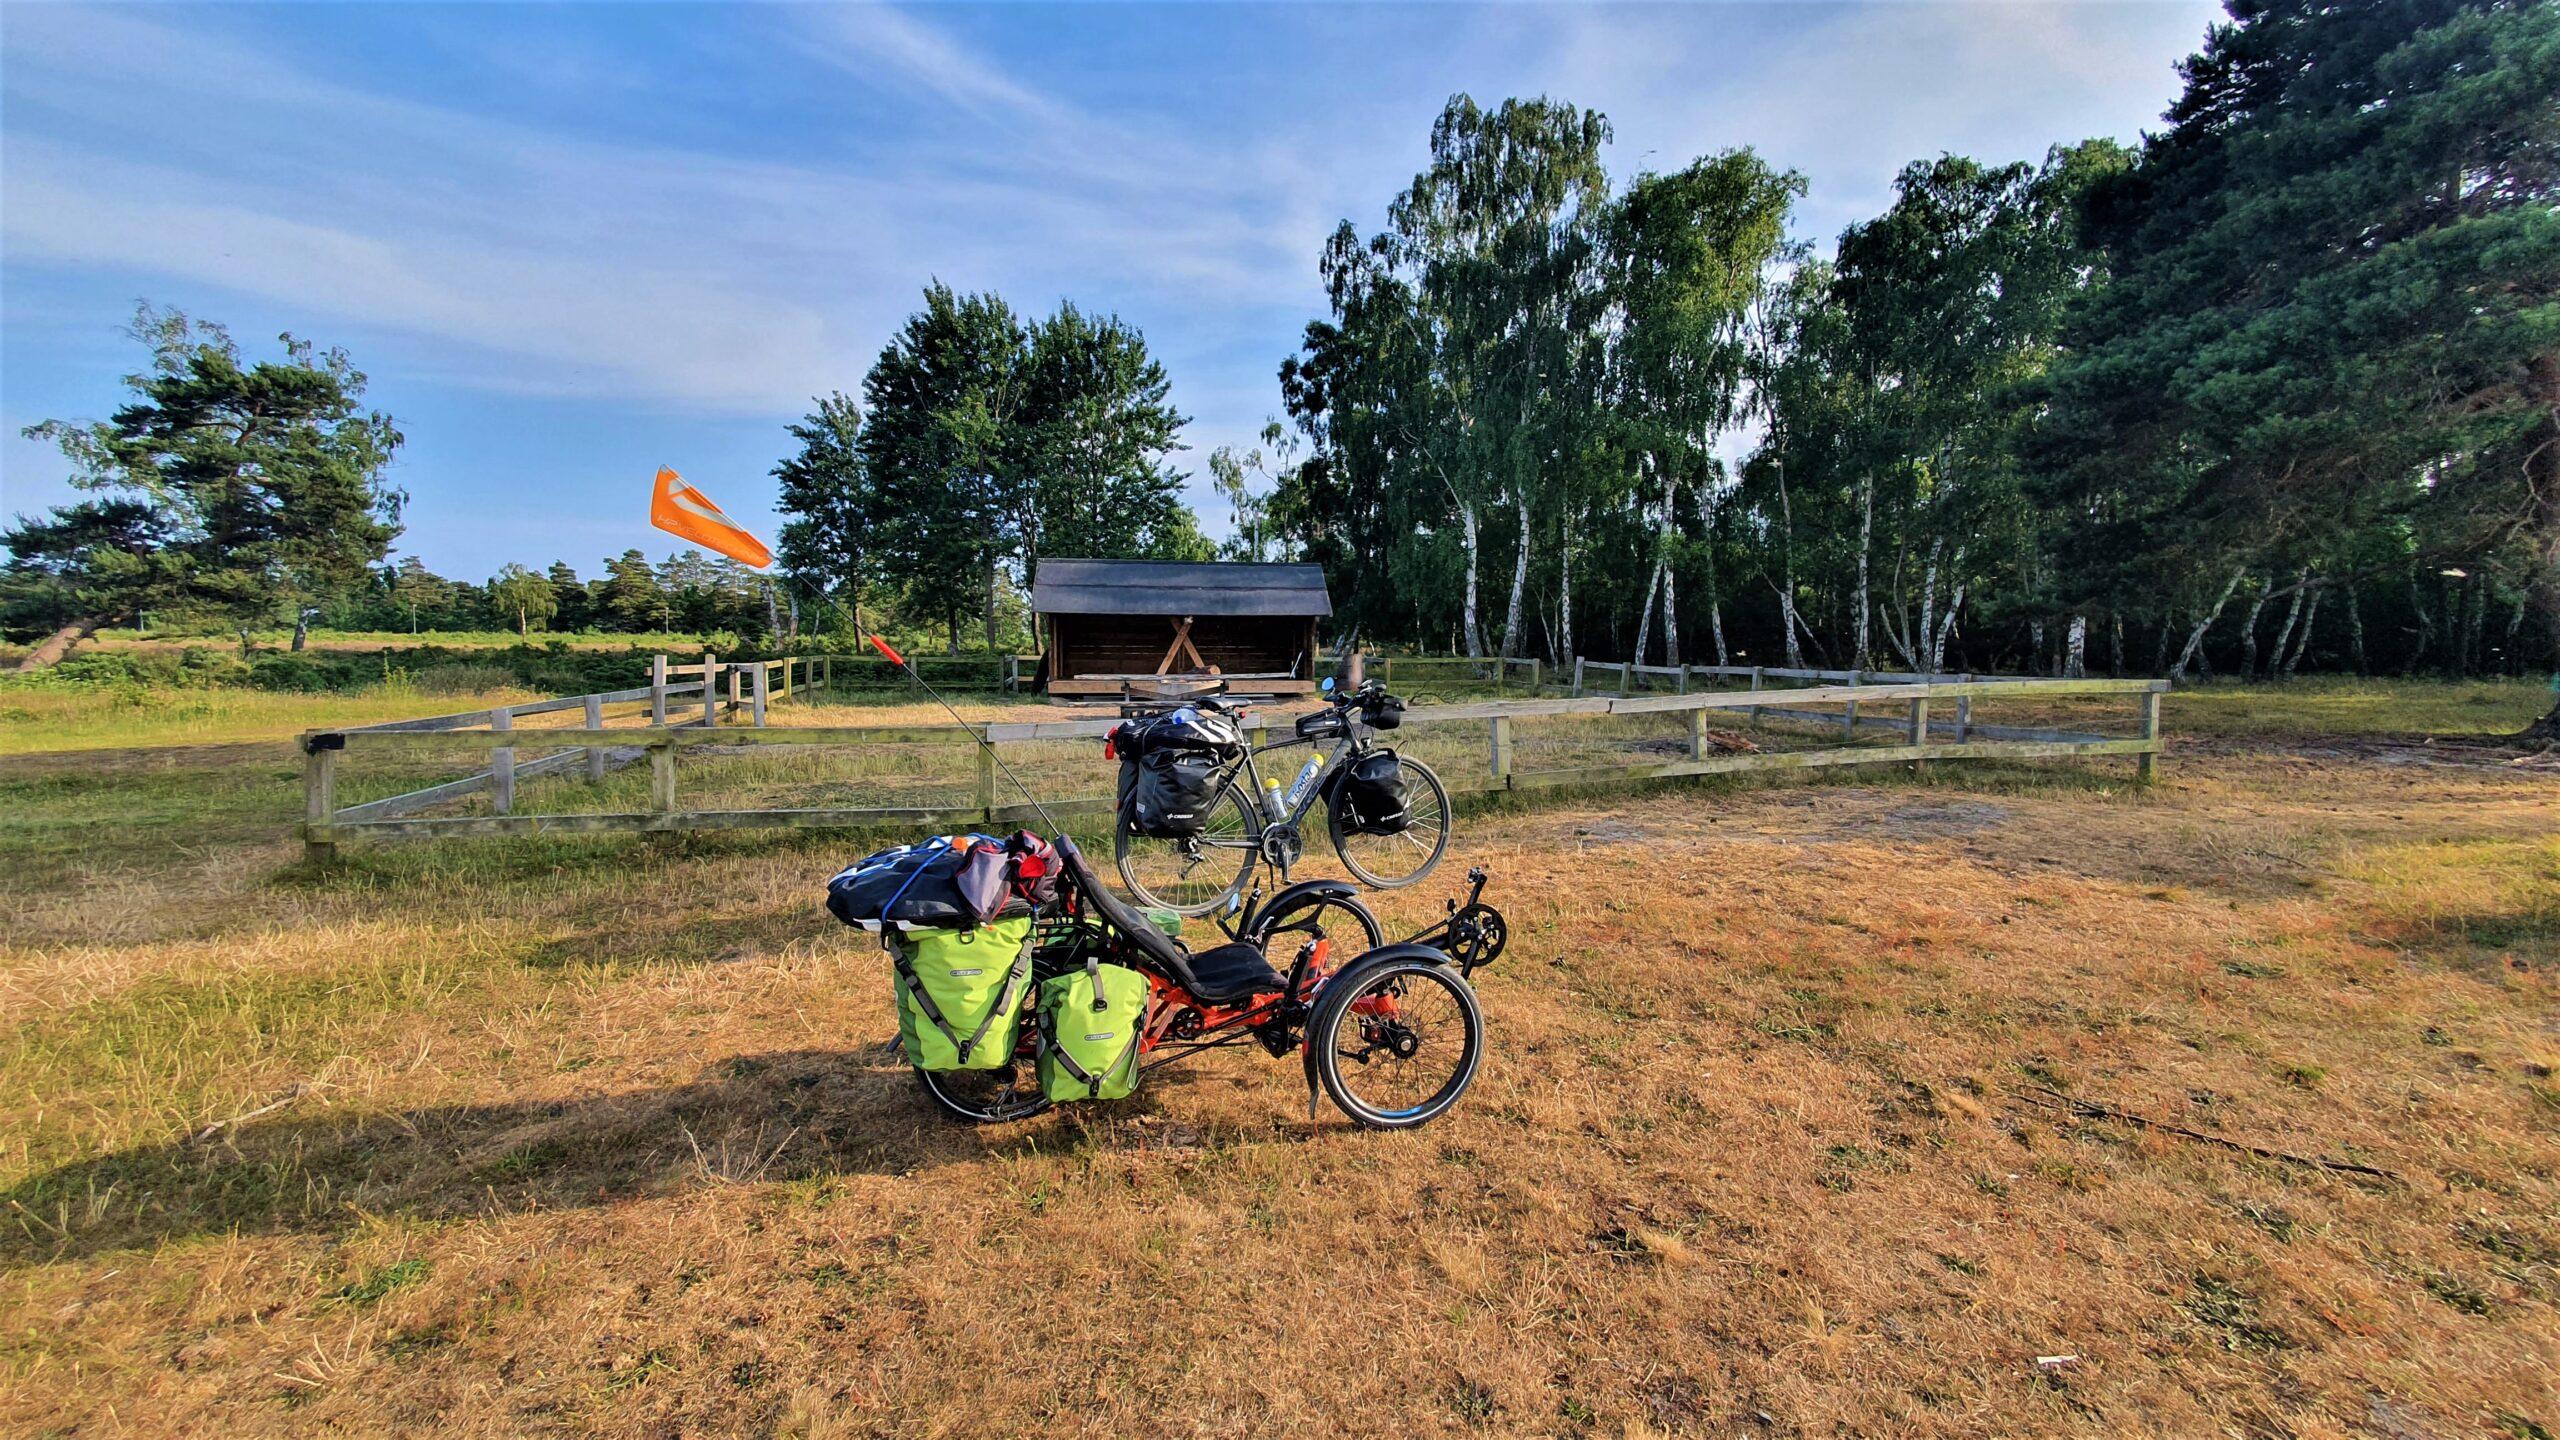 recumbent tricycle, test długodystansowy roweru poziomego, biwak na dziko